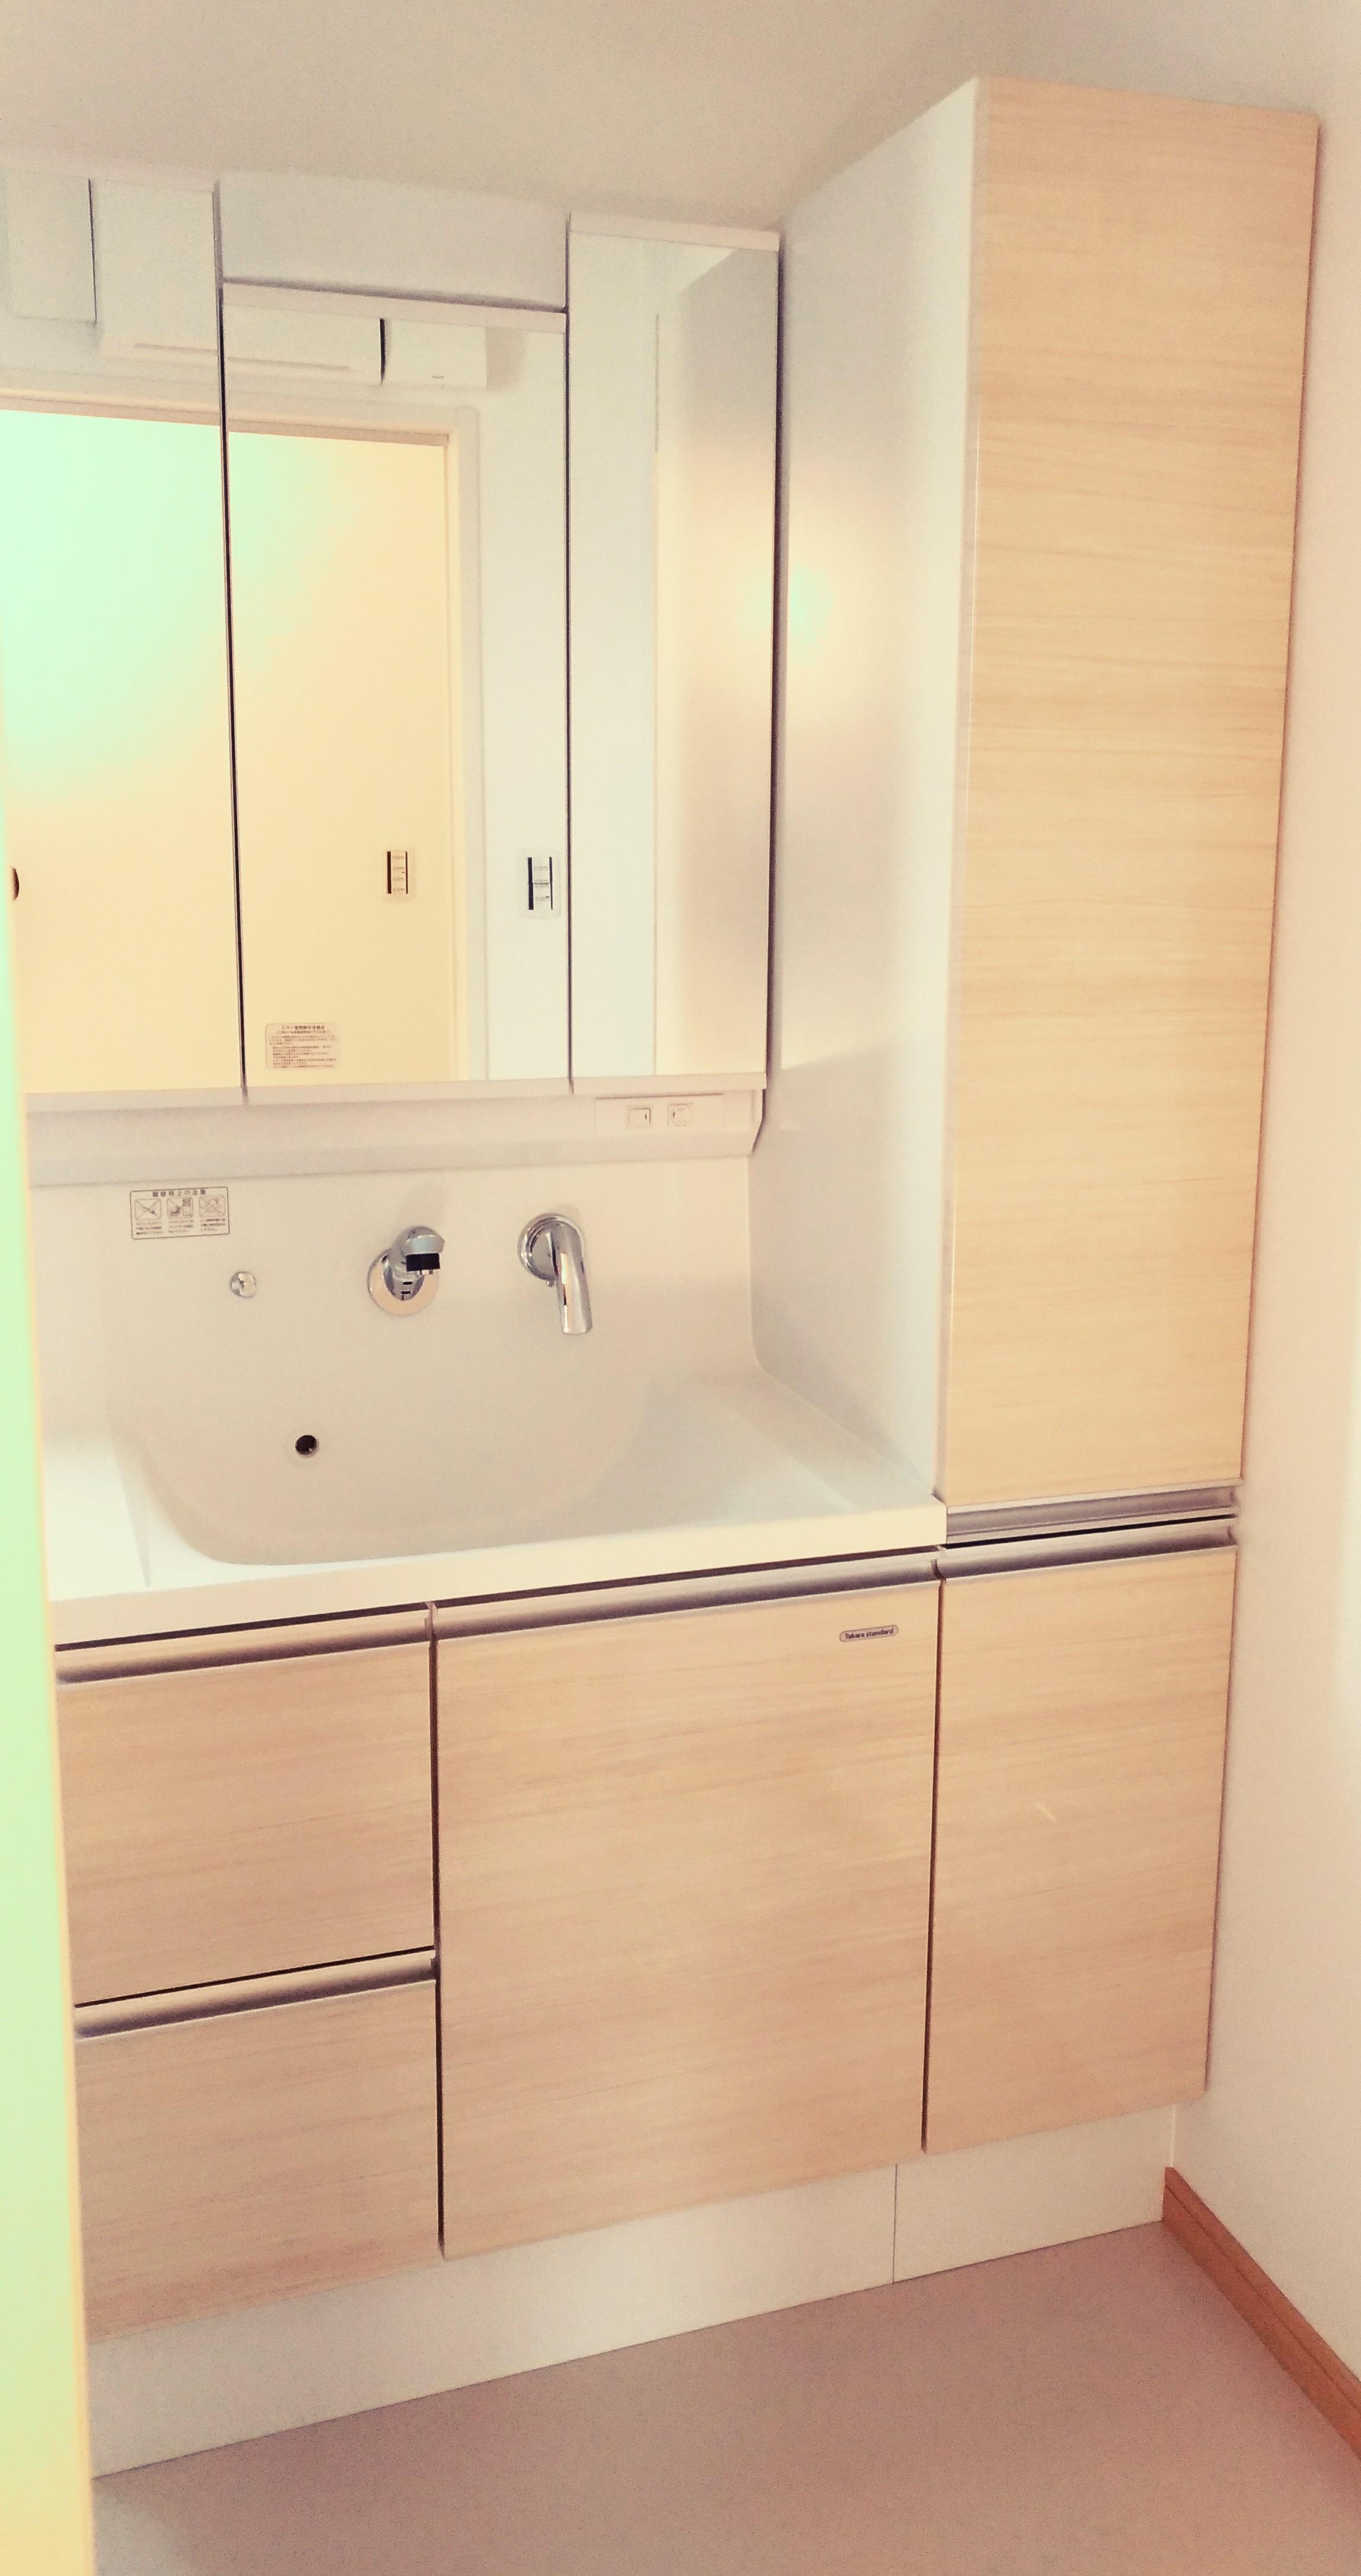 西条市で家の価格の洗面台写真